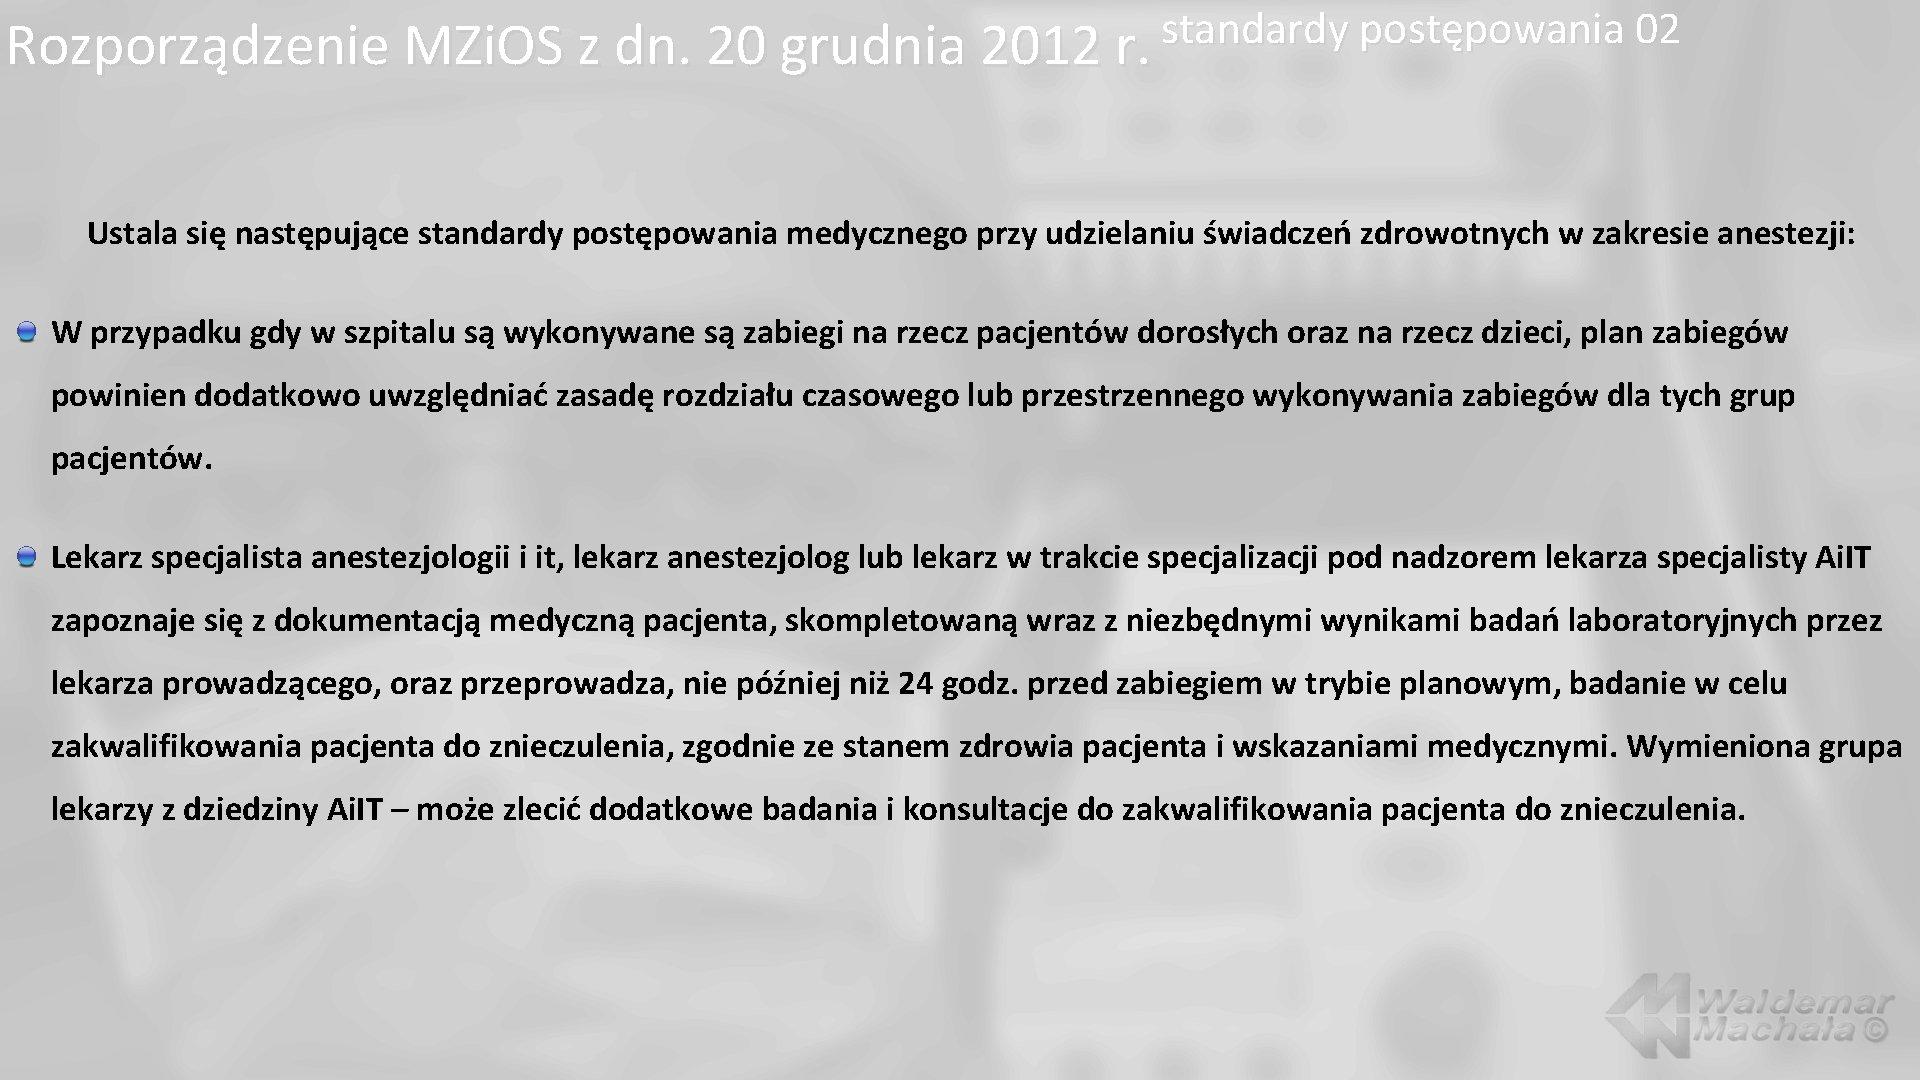 standardy postępowania 02 Rozporządzenie MZi. OS z dn. 20 grudnia 2012 r. Ustala się